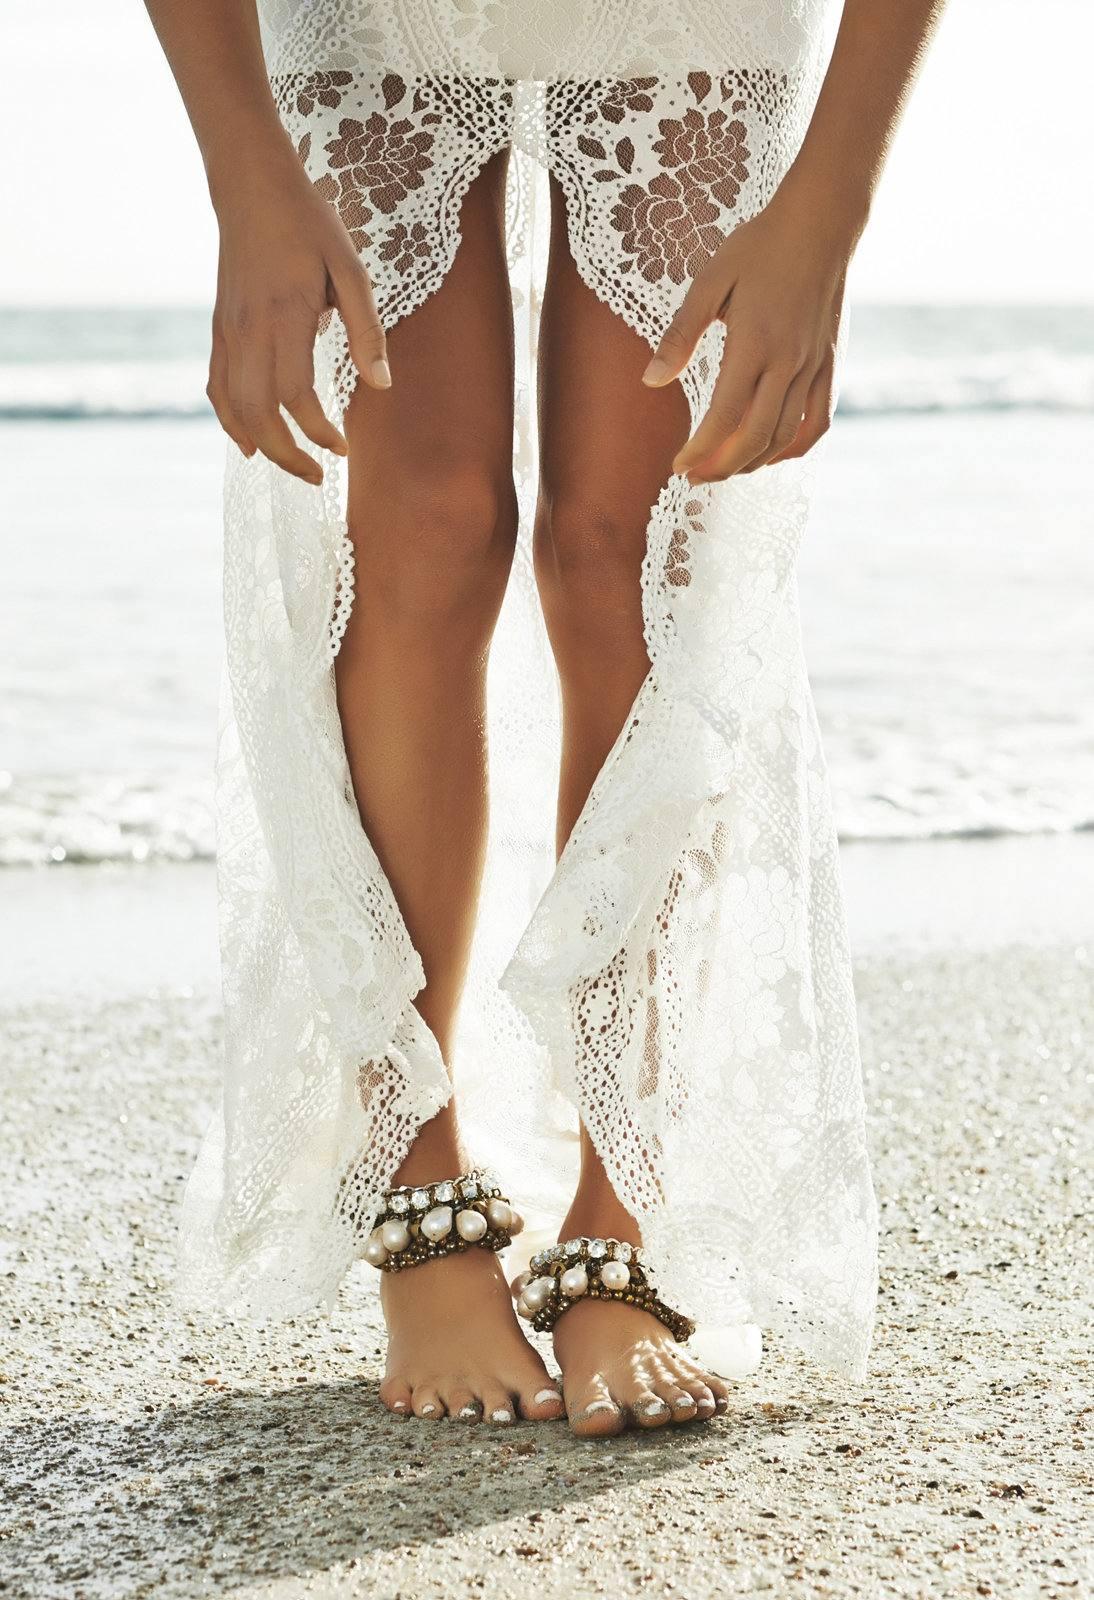 Zapatos ideales para una boda en la playa